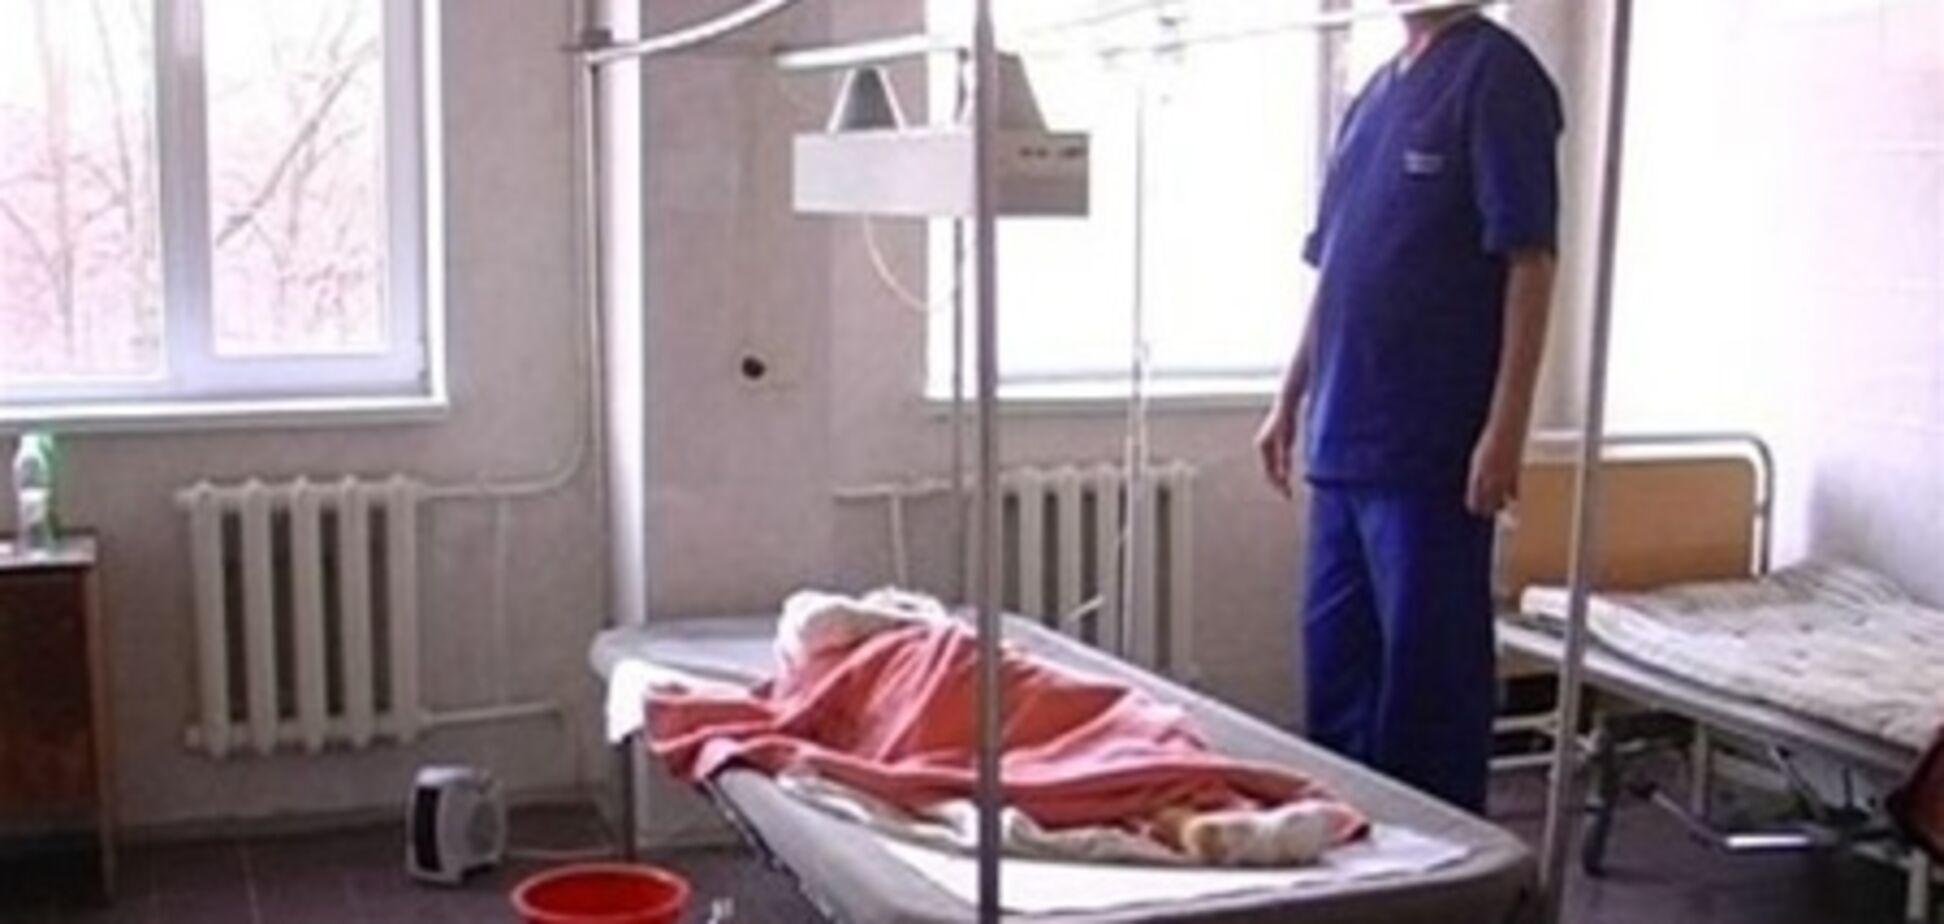 Николаевских насильников не выпустят, чтобы их не убили в городе